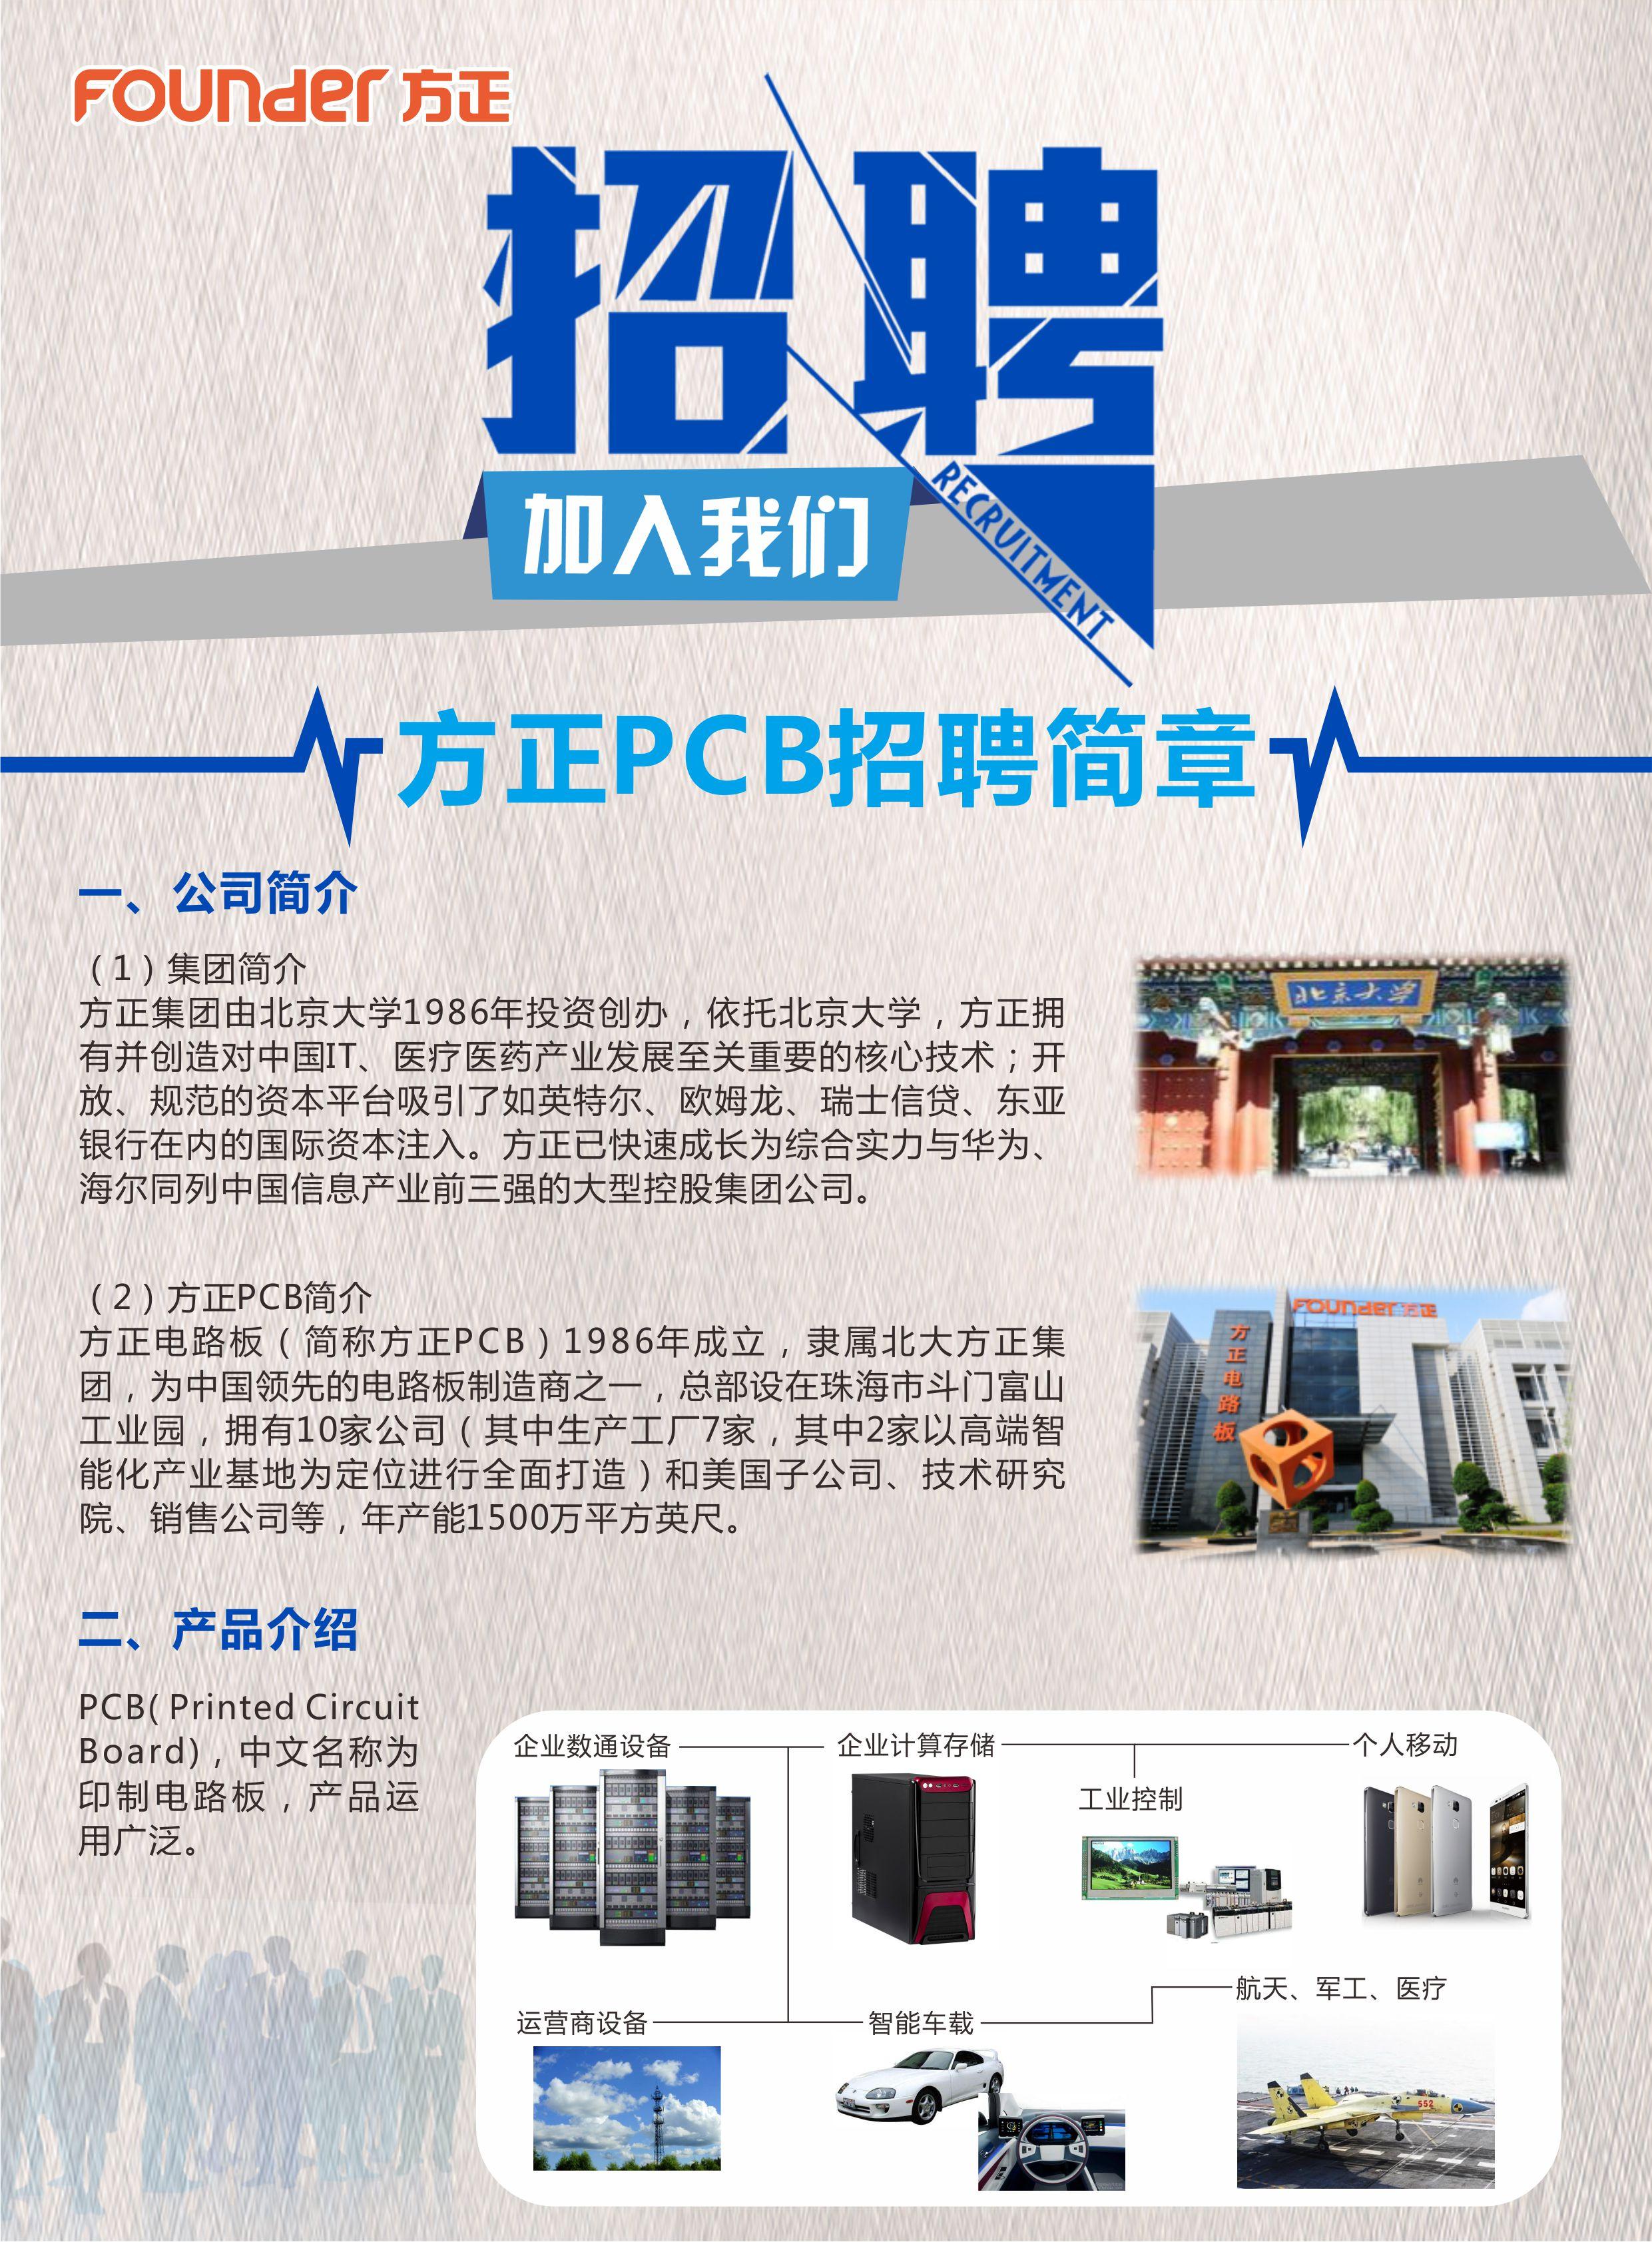 珠海方正印刷电路板发展有限公司宣讲会